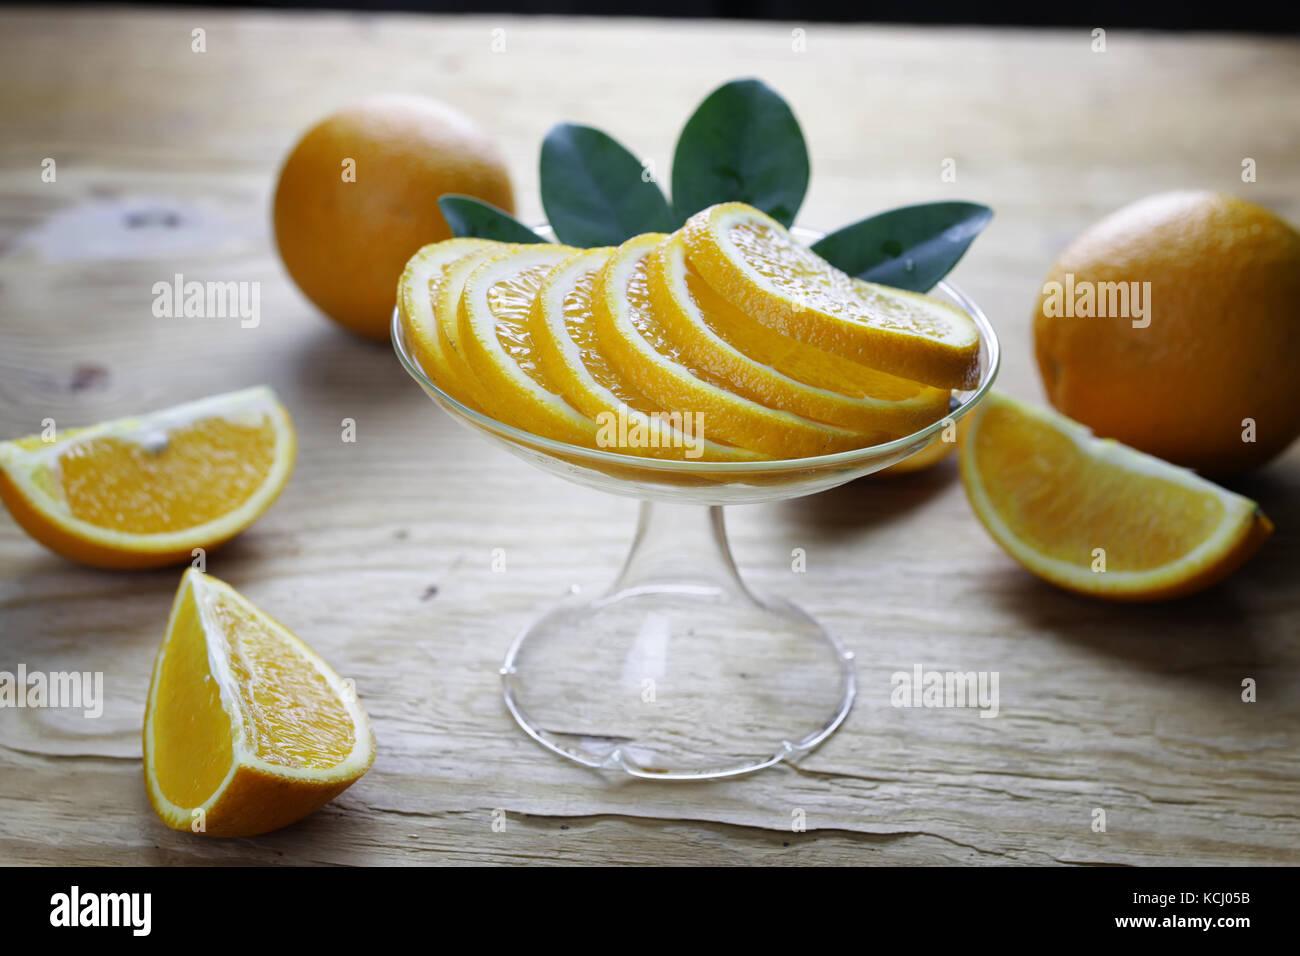 orange fruit wooden background - Stock Image